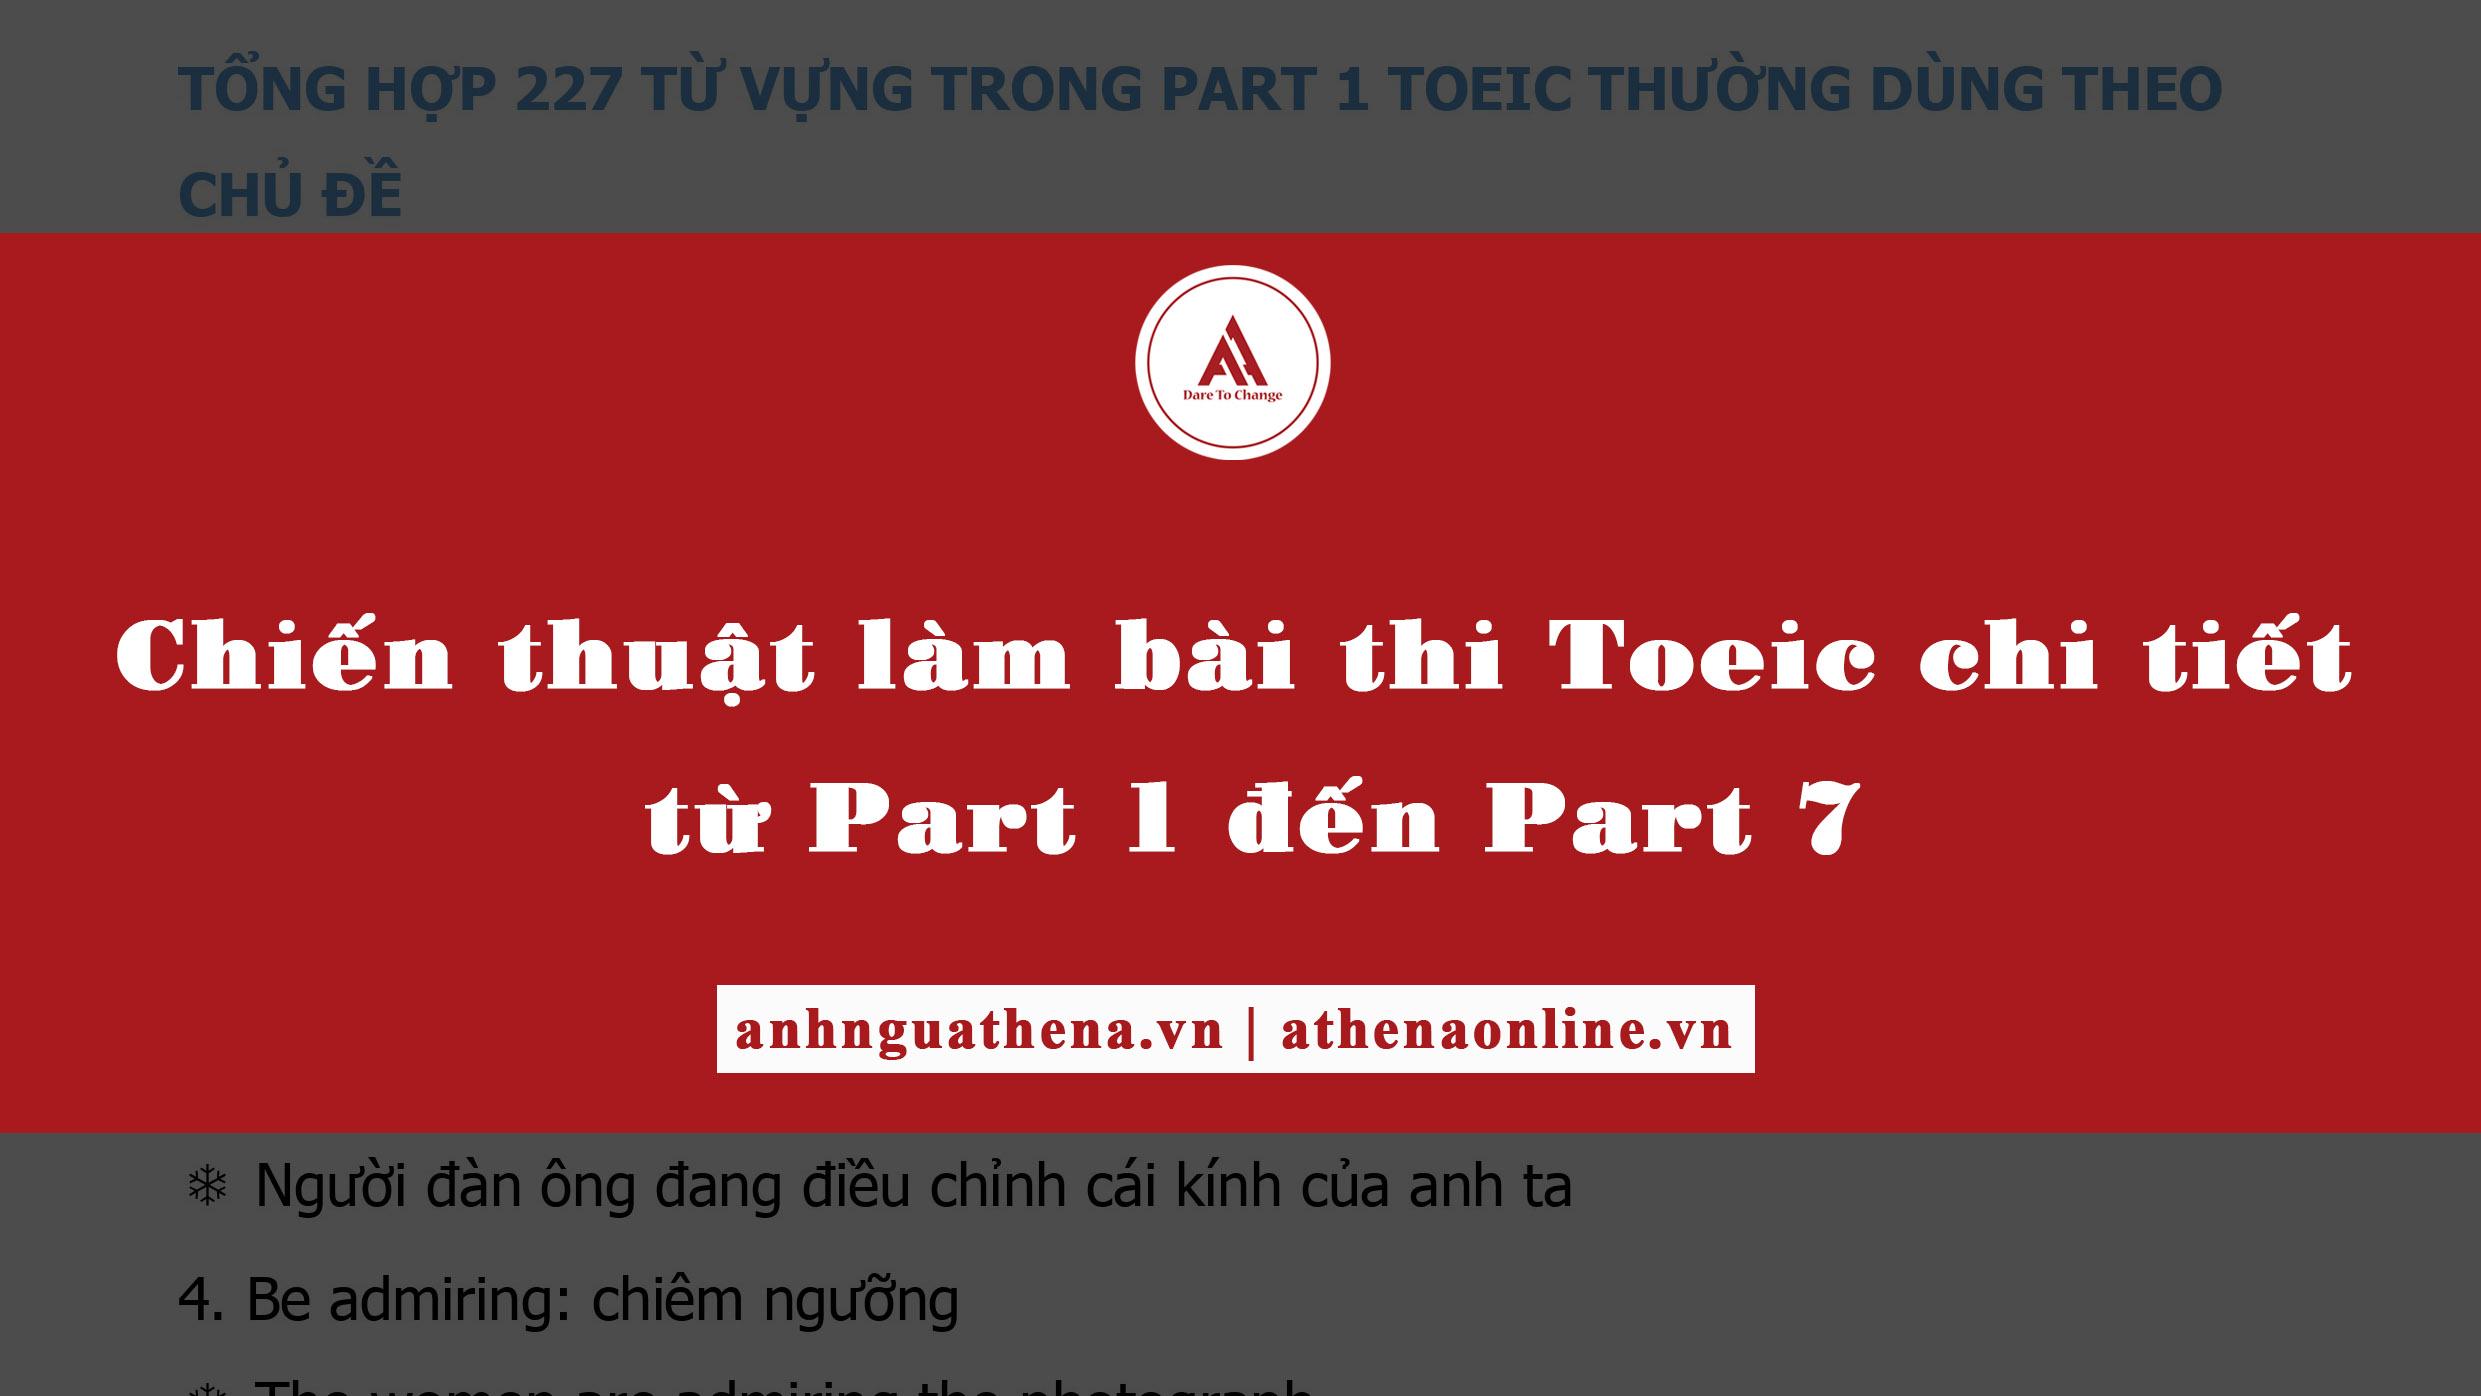 Chiến thuật làm bài thi Toeic chi tiết từ Part 1 đến Part 7